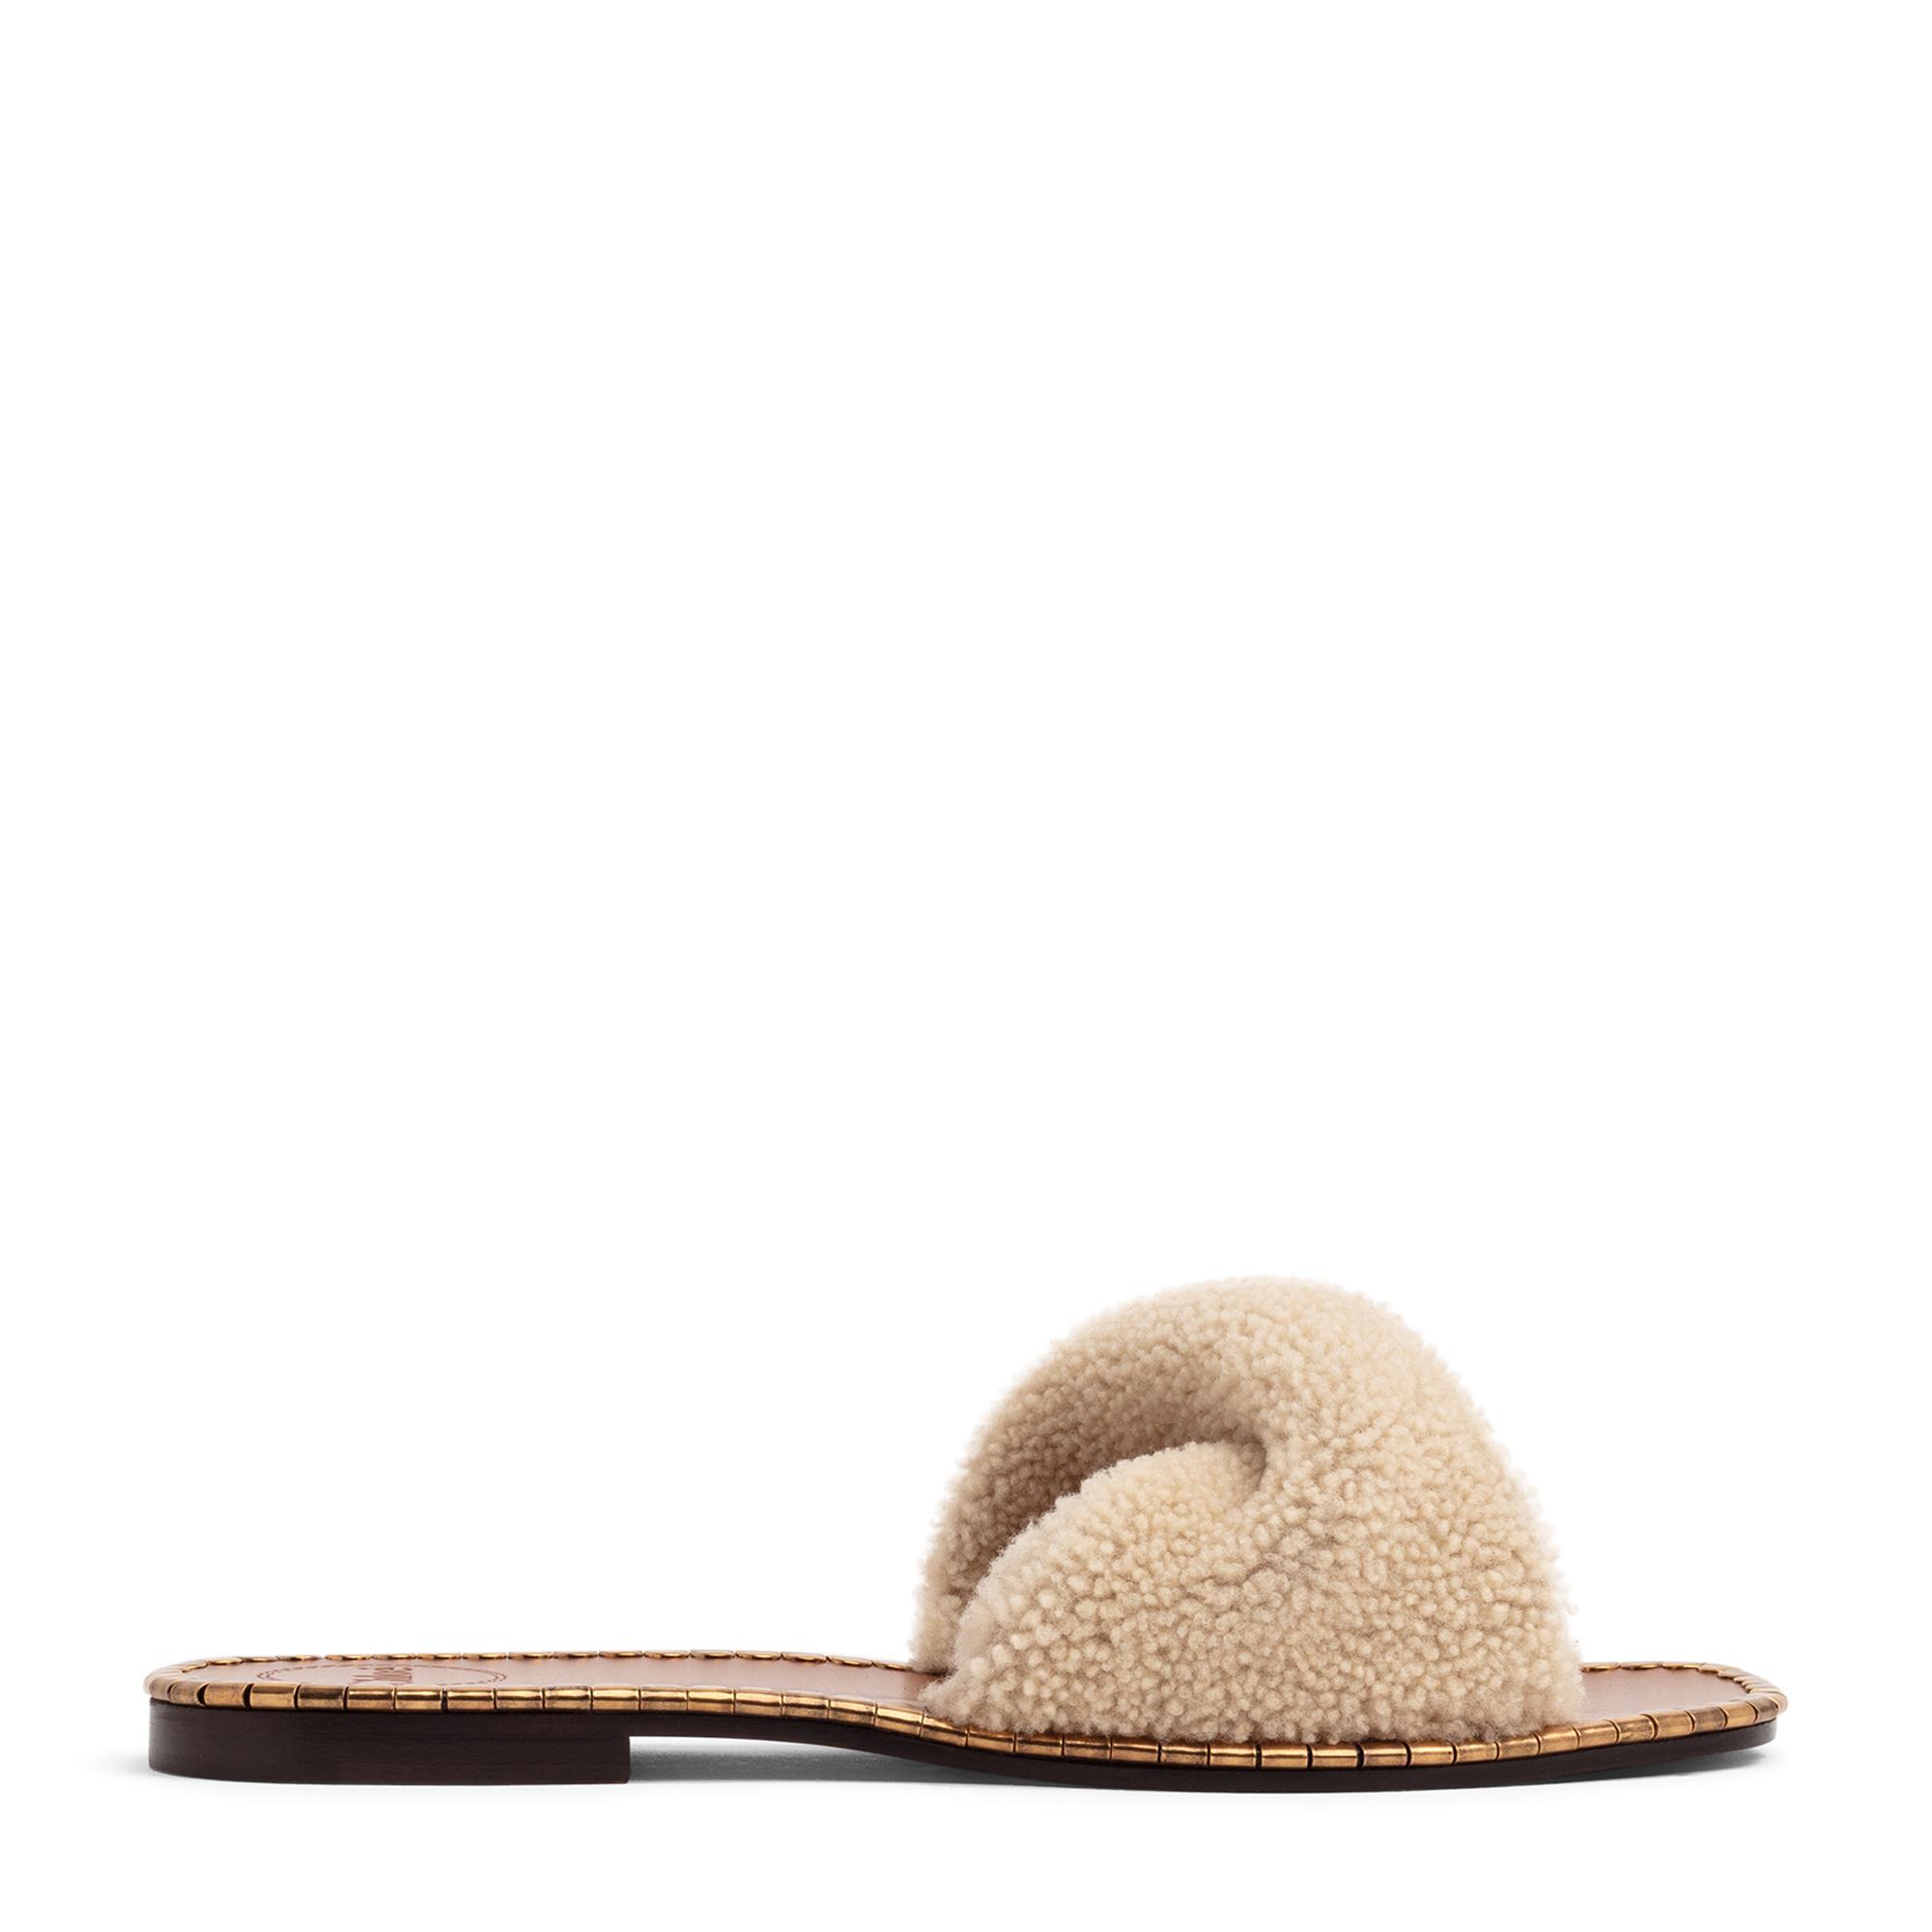 حذاء أيدول المسطح المفتوح من الخلف